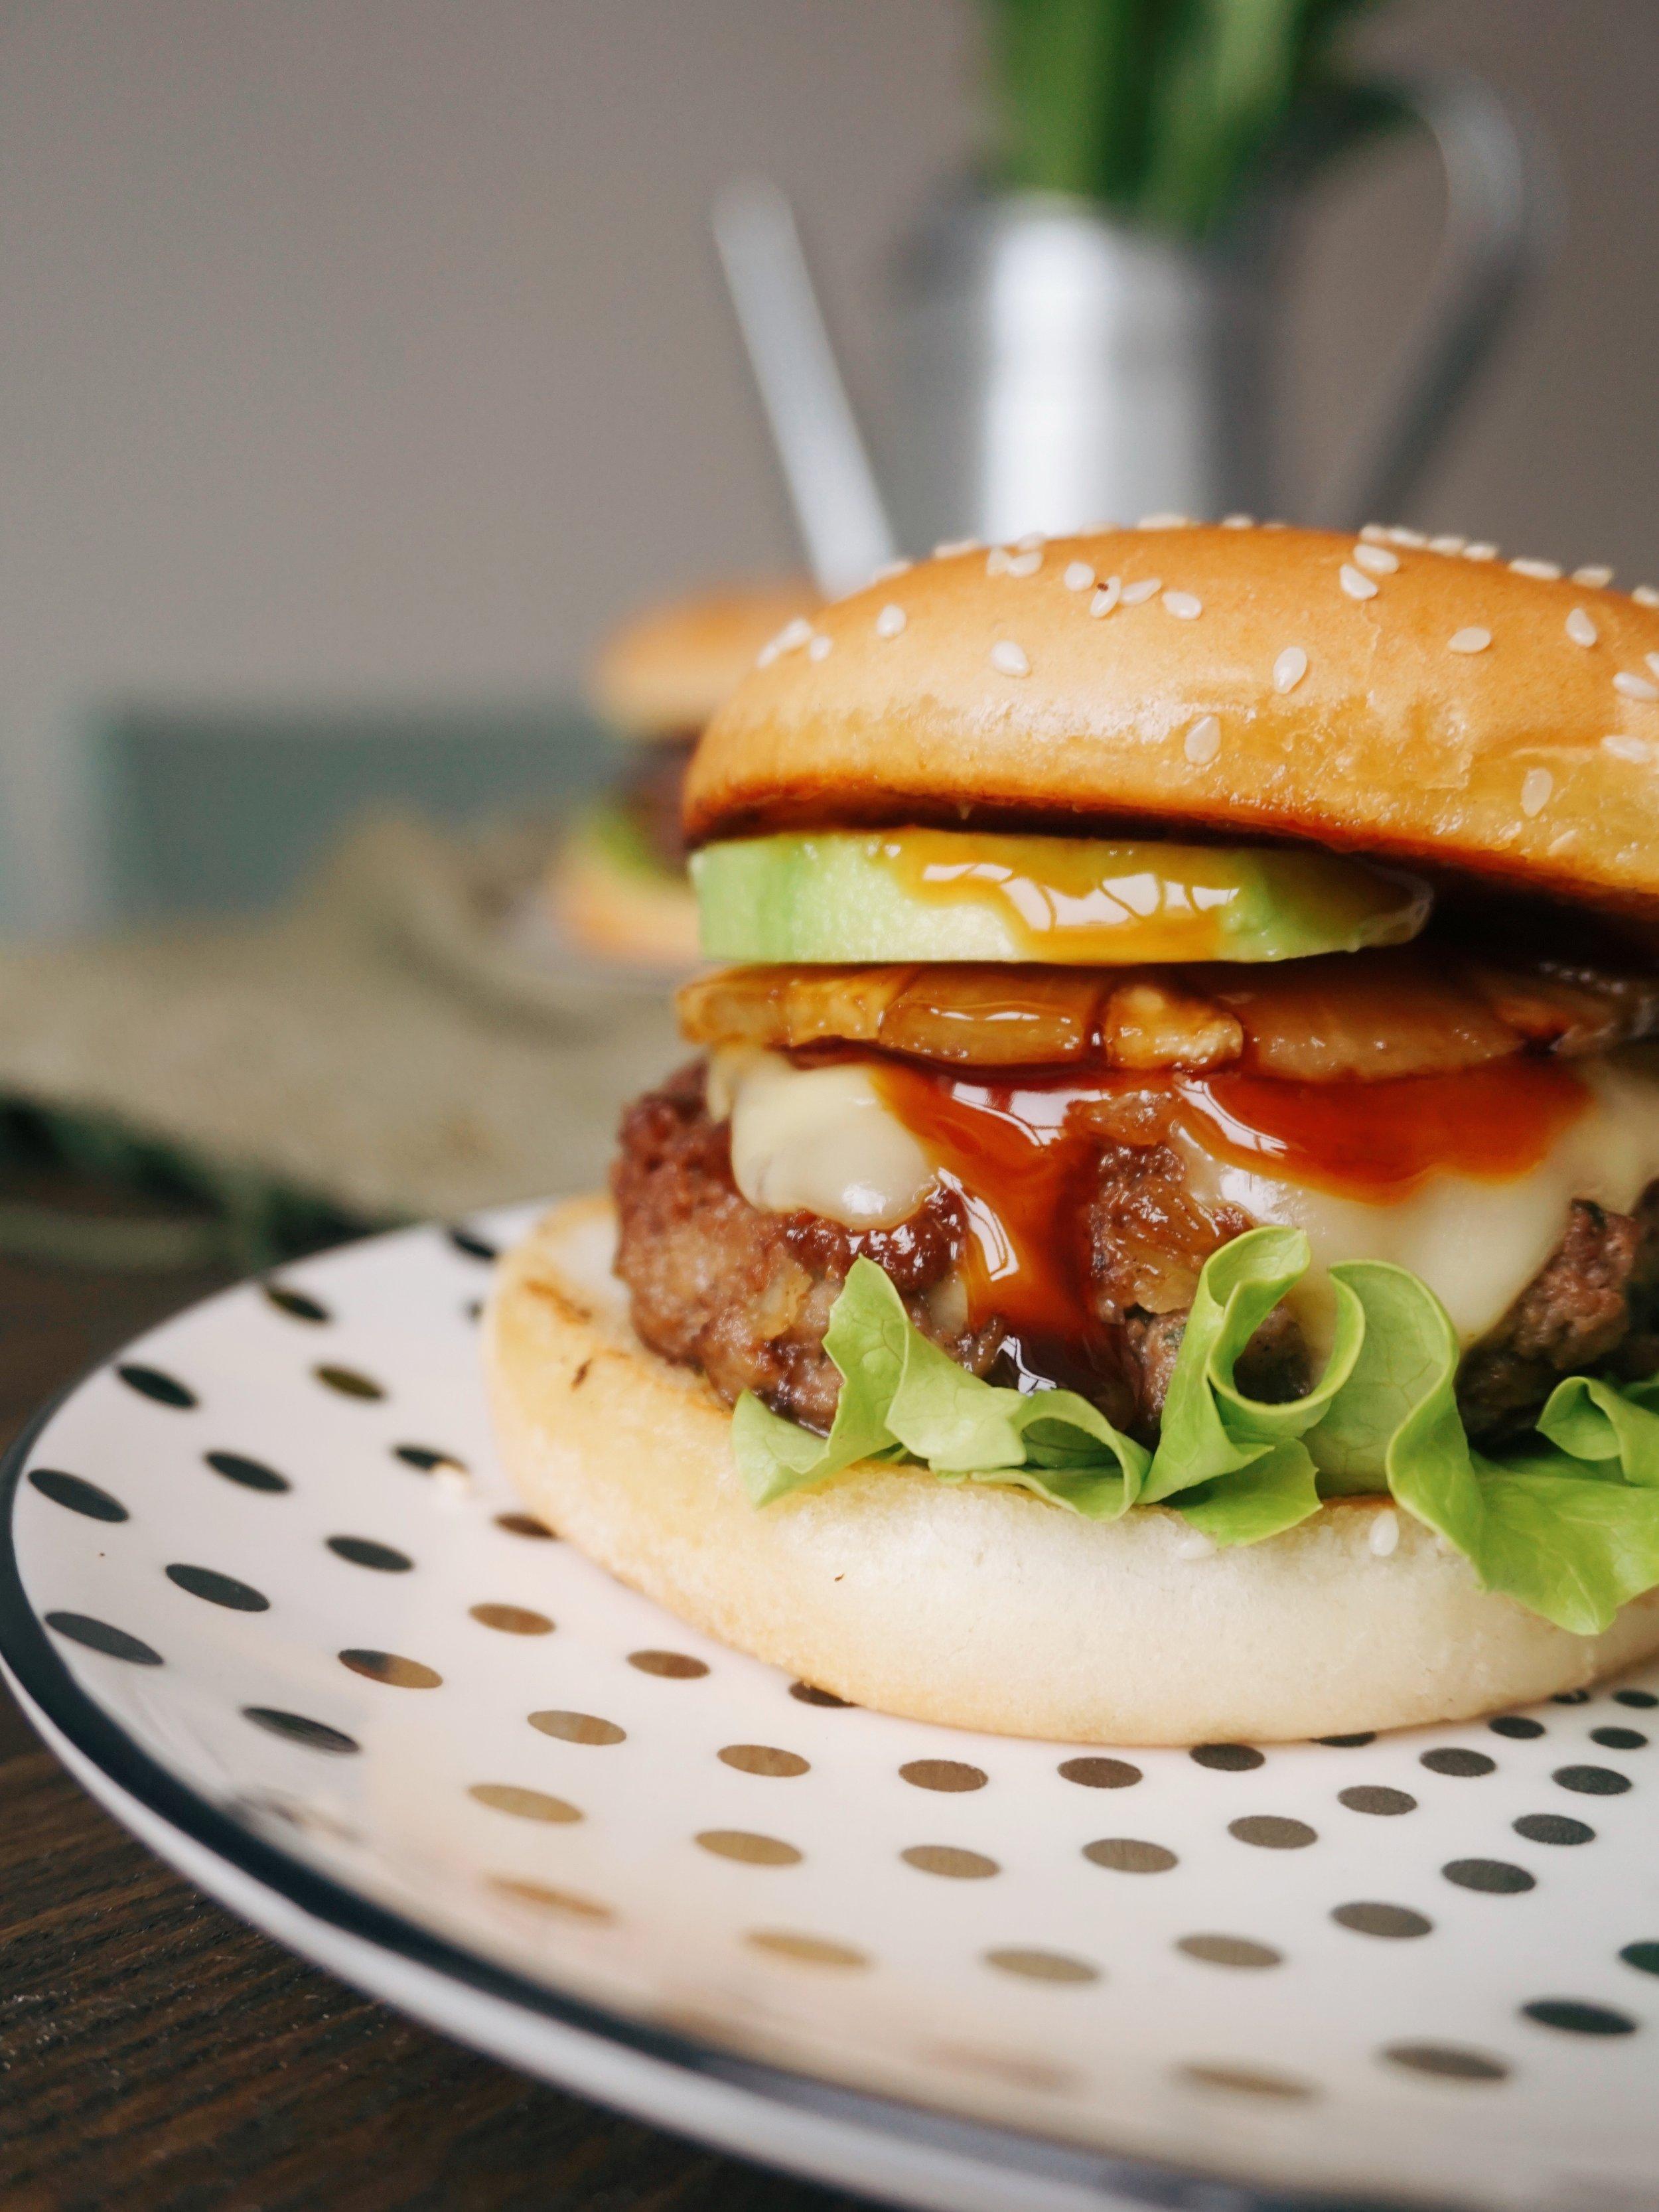 sulīgais teriyaki burgeris - varu apsolīt, ka šie būs sulīgākie burgeri, kādus jūsu būsiet pagatavojuši un, šo rakstot, man mutē sariešas siekalas, tas jau vien ir rādītājs 🤤 grauzdētas maizītes, sulīgas maltās gaļas kotletes, apceptas ananasu šķēlītes, vēl šis tas un visam pāri saldskāba teriyaki mērce, kas burgera sastāvdaļas savedīs kopā vienā skaistā dancī kā dejotājus deju svētku lieluzvedumā Daugavas stadionā 🙌🏻